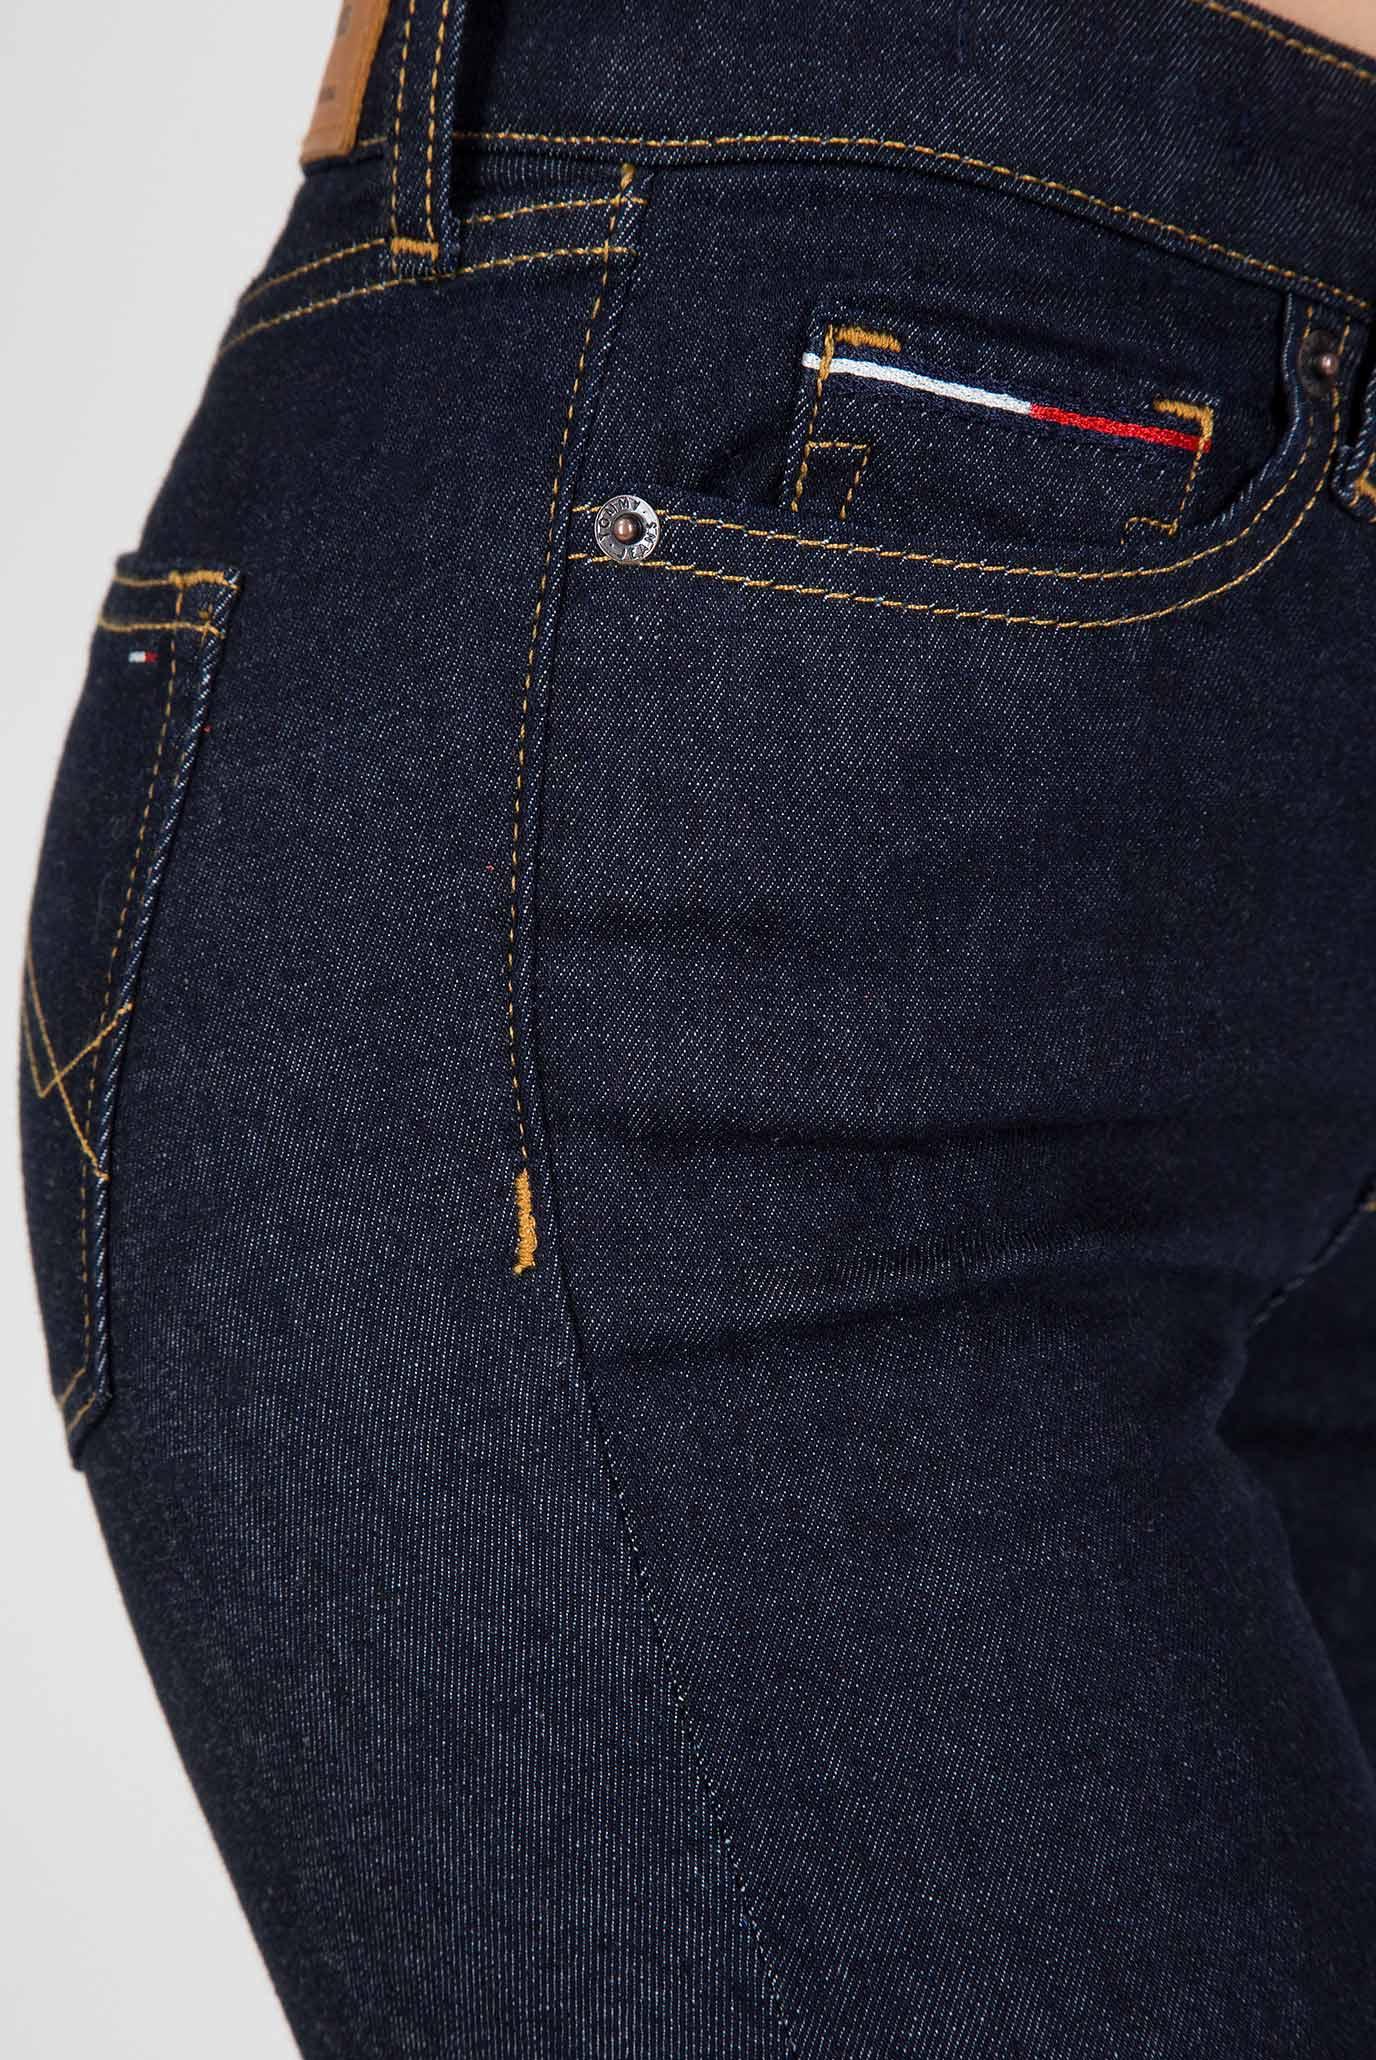 Купить Женские темно-синие джинсы MID RISE SKINNY NORA Tommy Hilfiger Tommy Hilfiger DW0DW05420 – Киев, Украина. Цены в интернет магазине MD Fashion